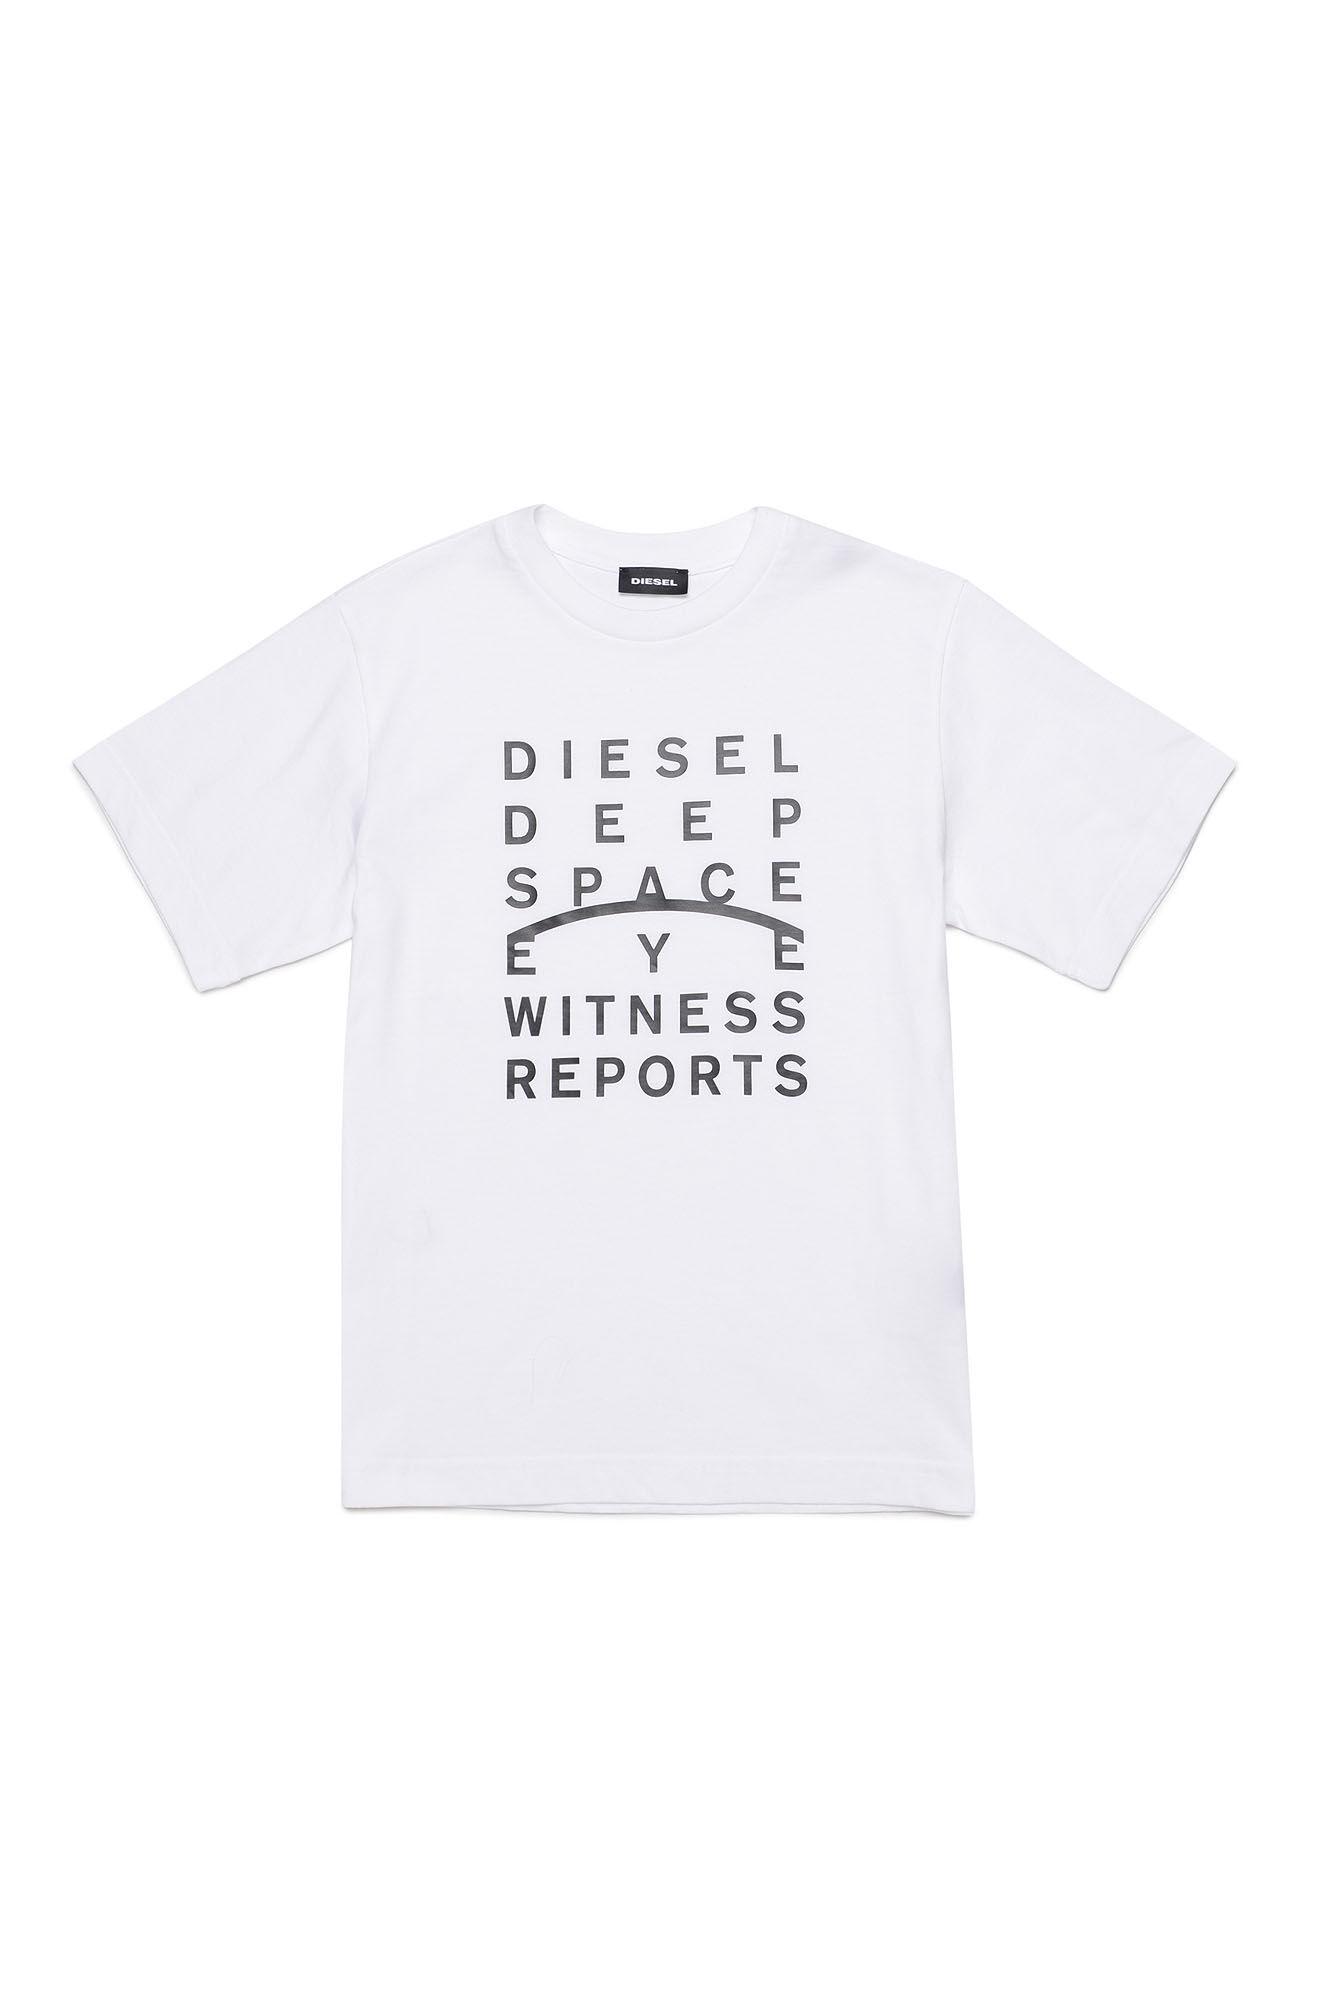 Tjustj5 Over Maglietta - Diesel Kid